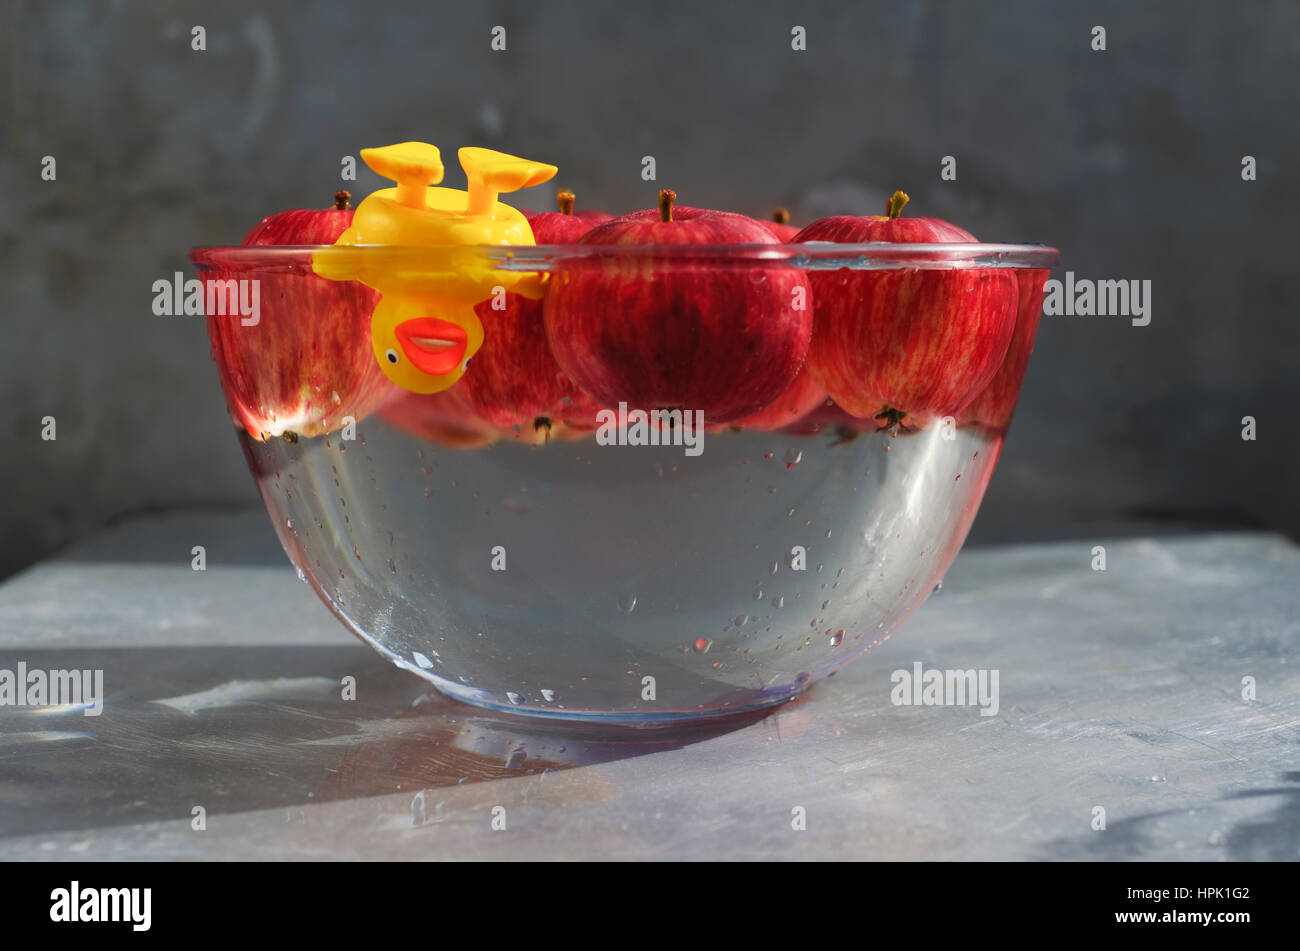 L'atténuation pour les pommes. Canard en plastique jaune, bien jouer dans un bol d'eau et de pommes rouges. Banque D'Images